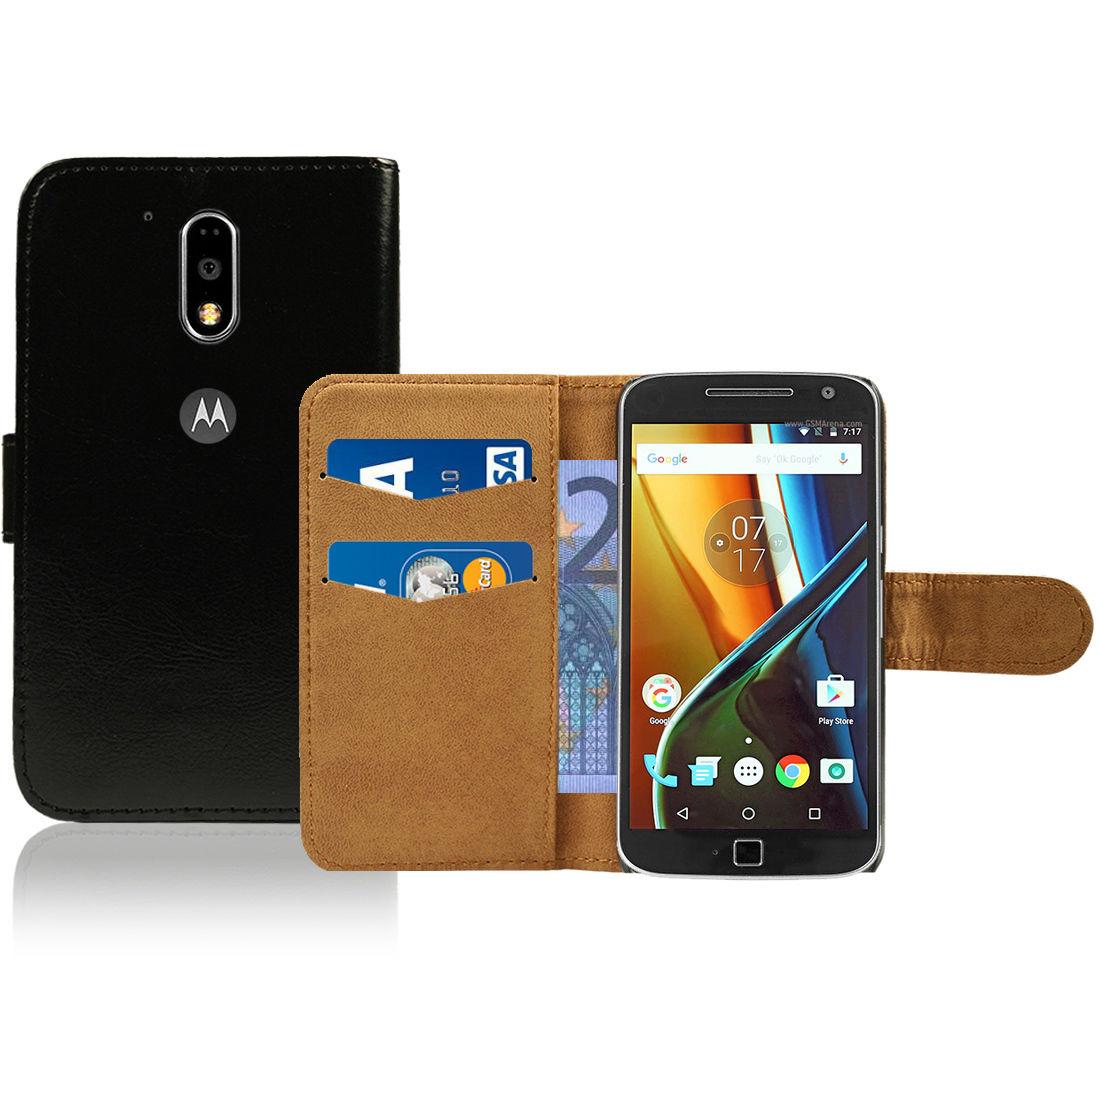 Pouzdro pro Motorola Moto G4 černé